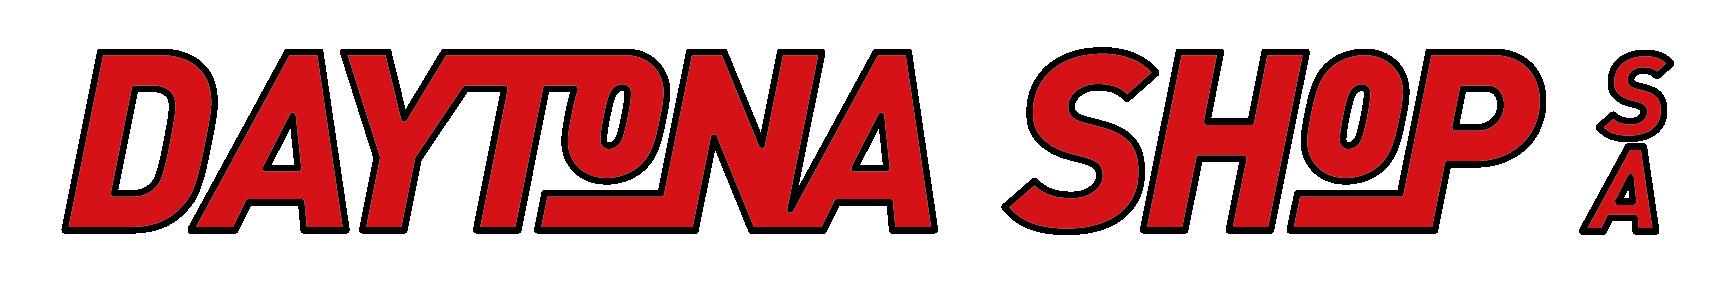 DaytonaShop SA Logo